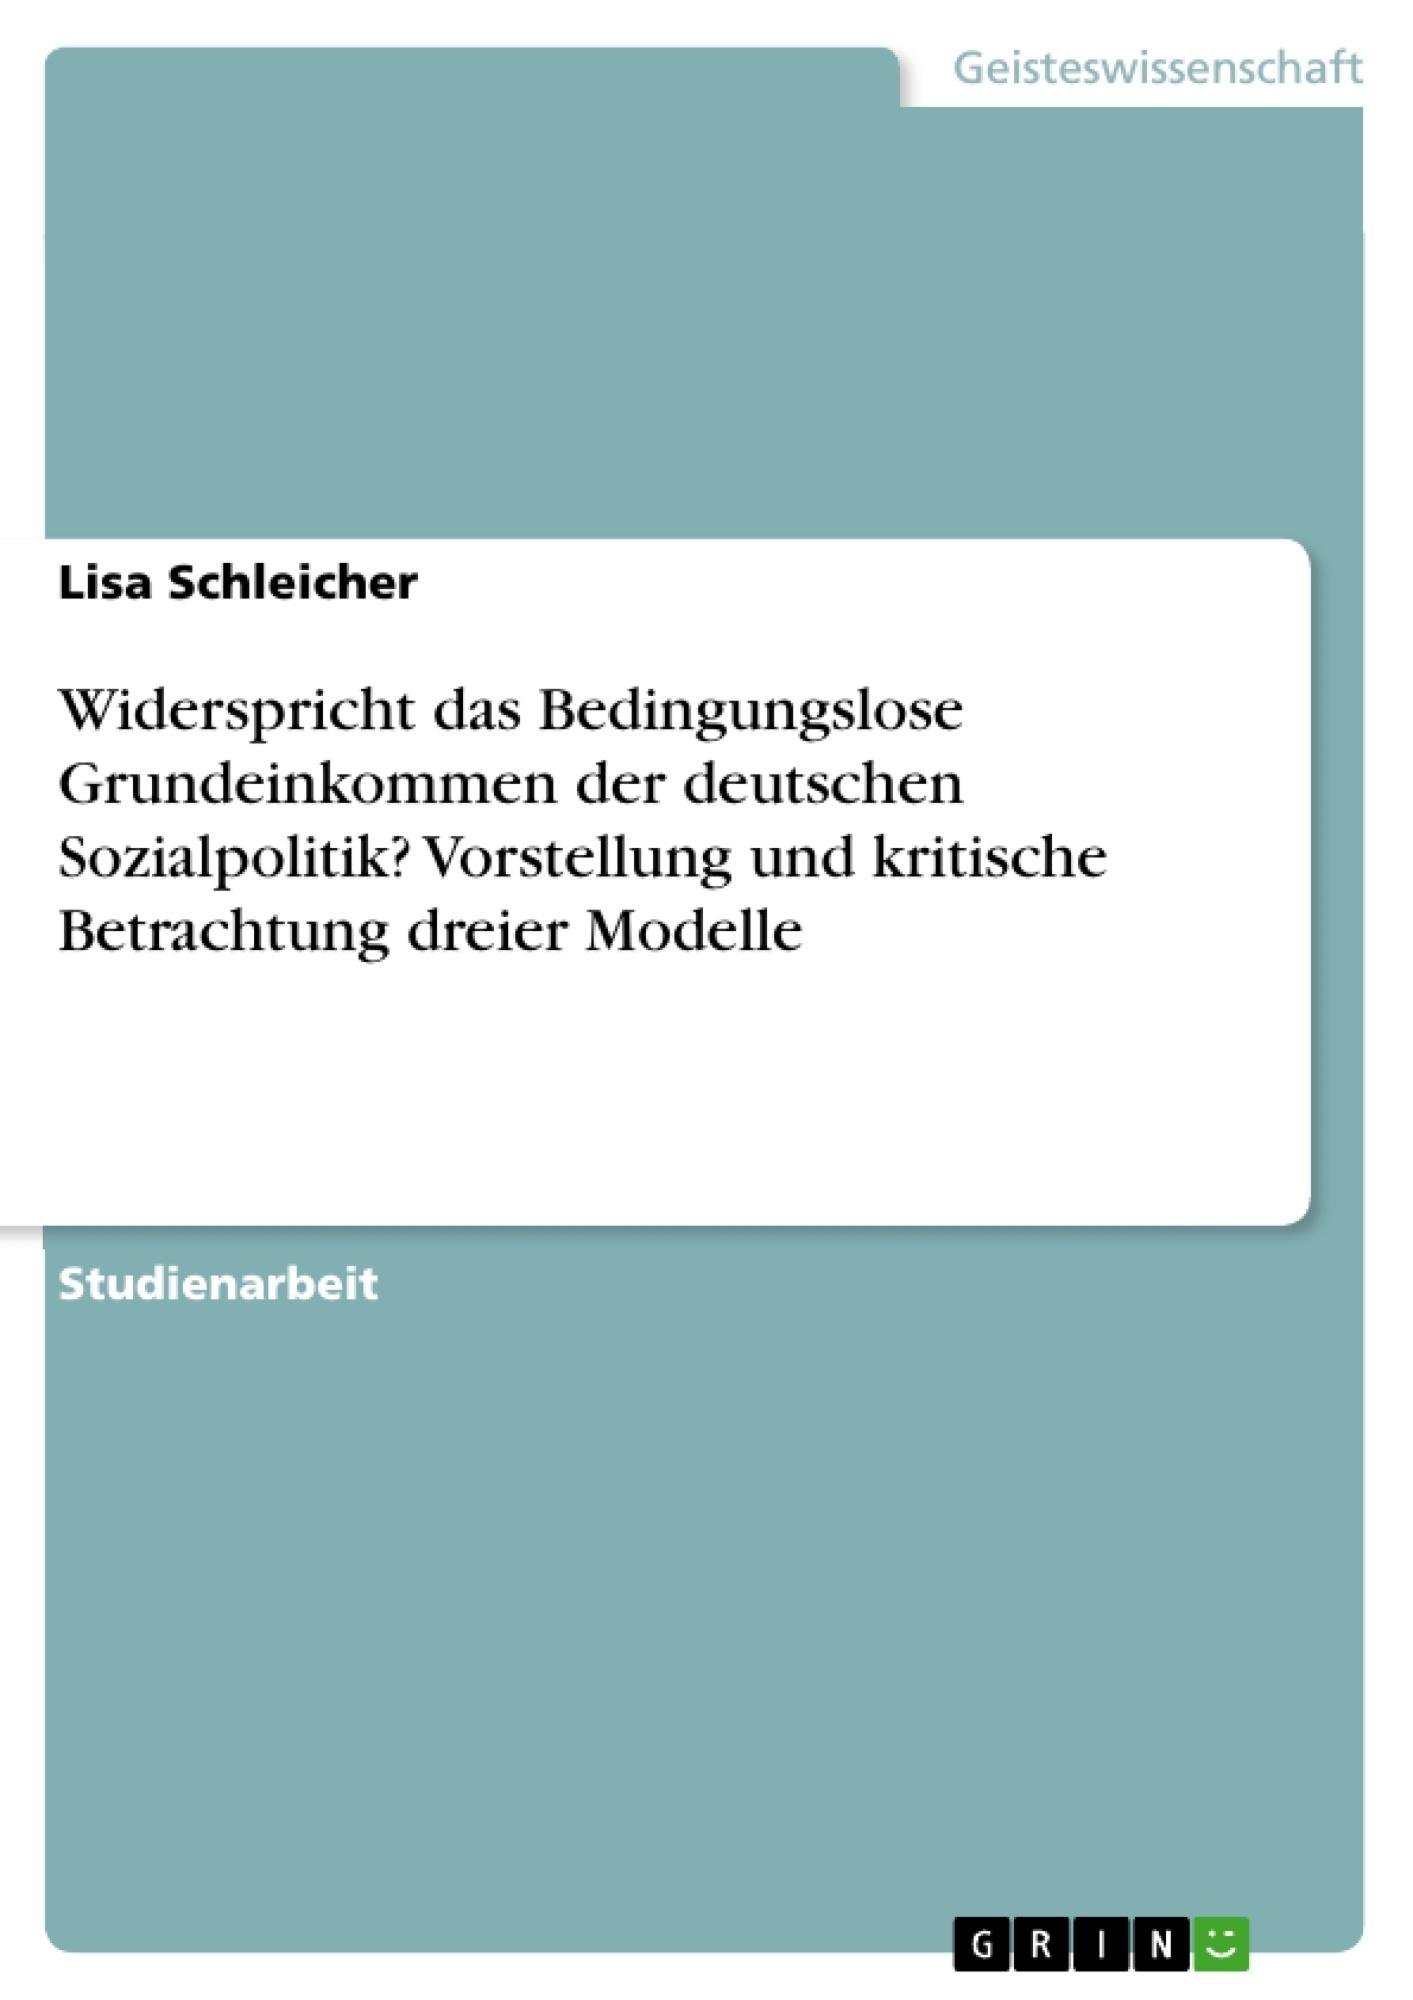 Titel: Widerspricht das Bedingungslose Grundeinkommen der deutschen Sozialpolitik? Vorstellung und kritische Betrachtung dreier Modelle